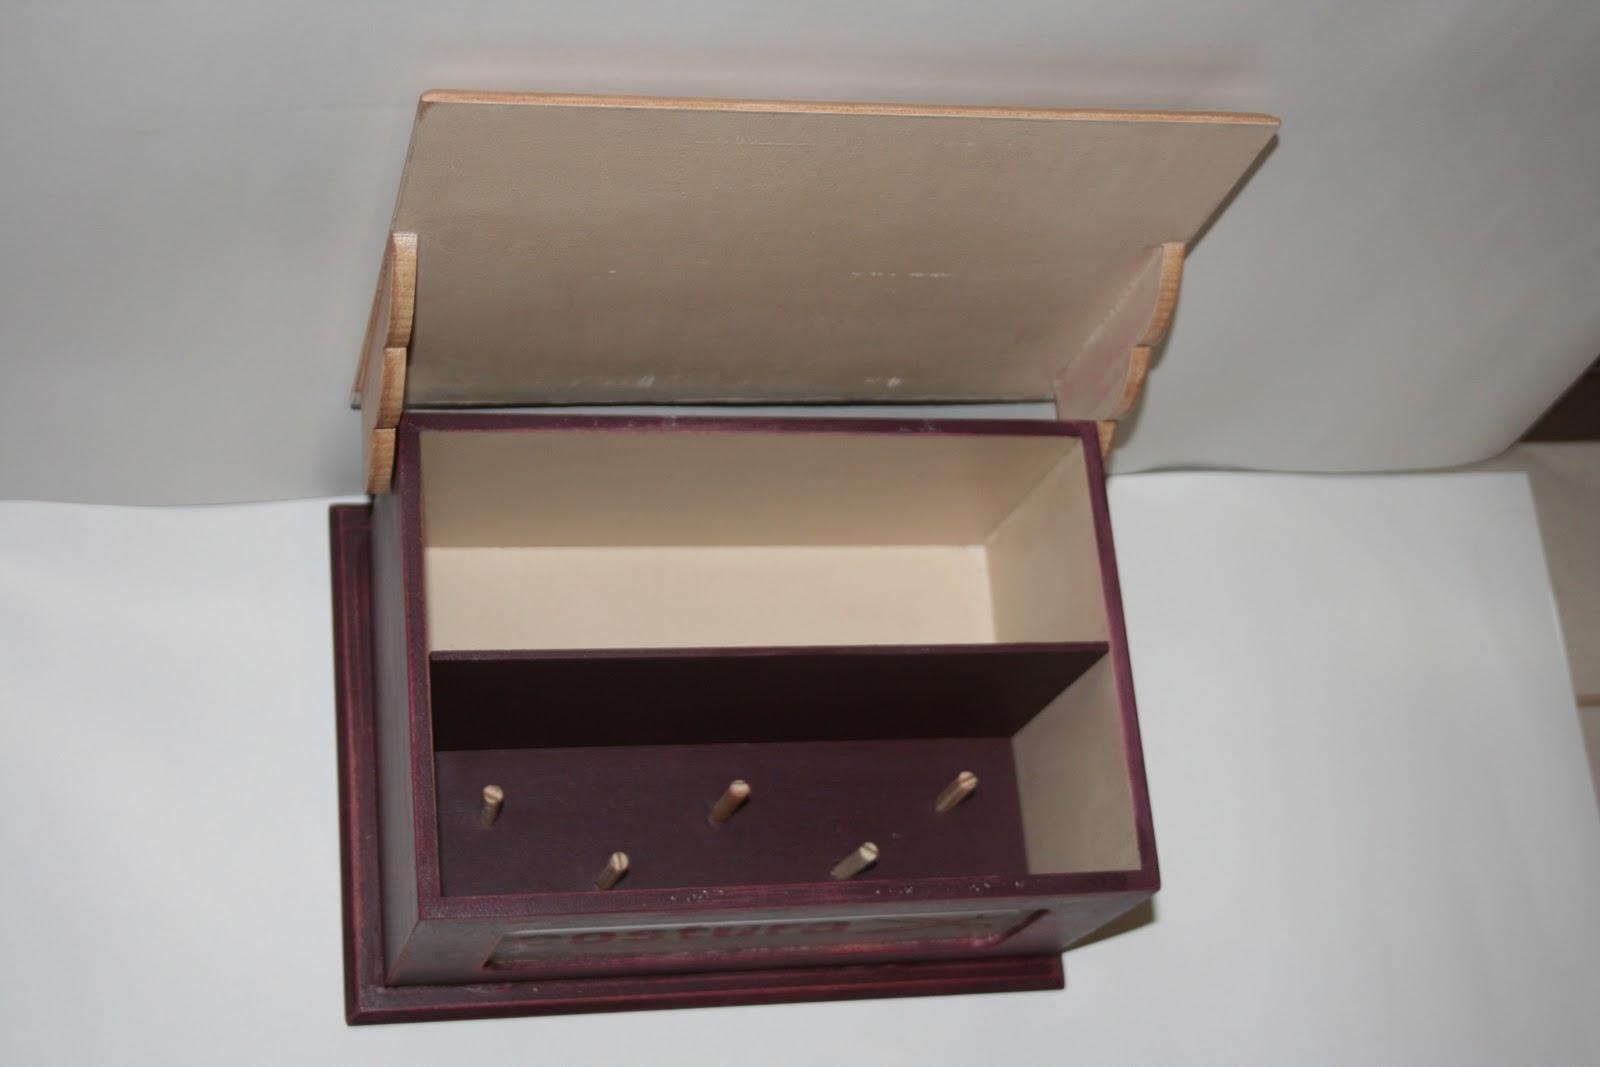 caixa de costura Marrom #372326 1600x1067